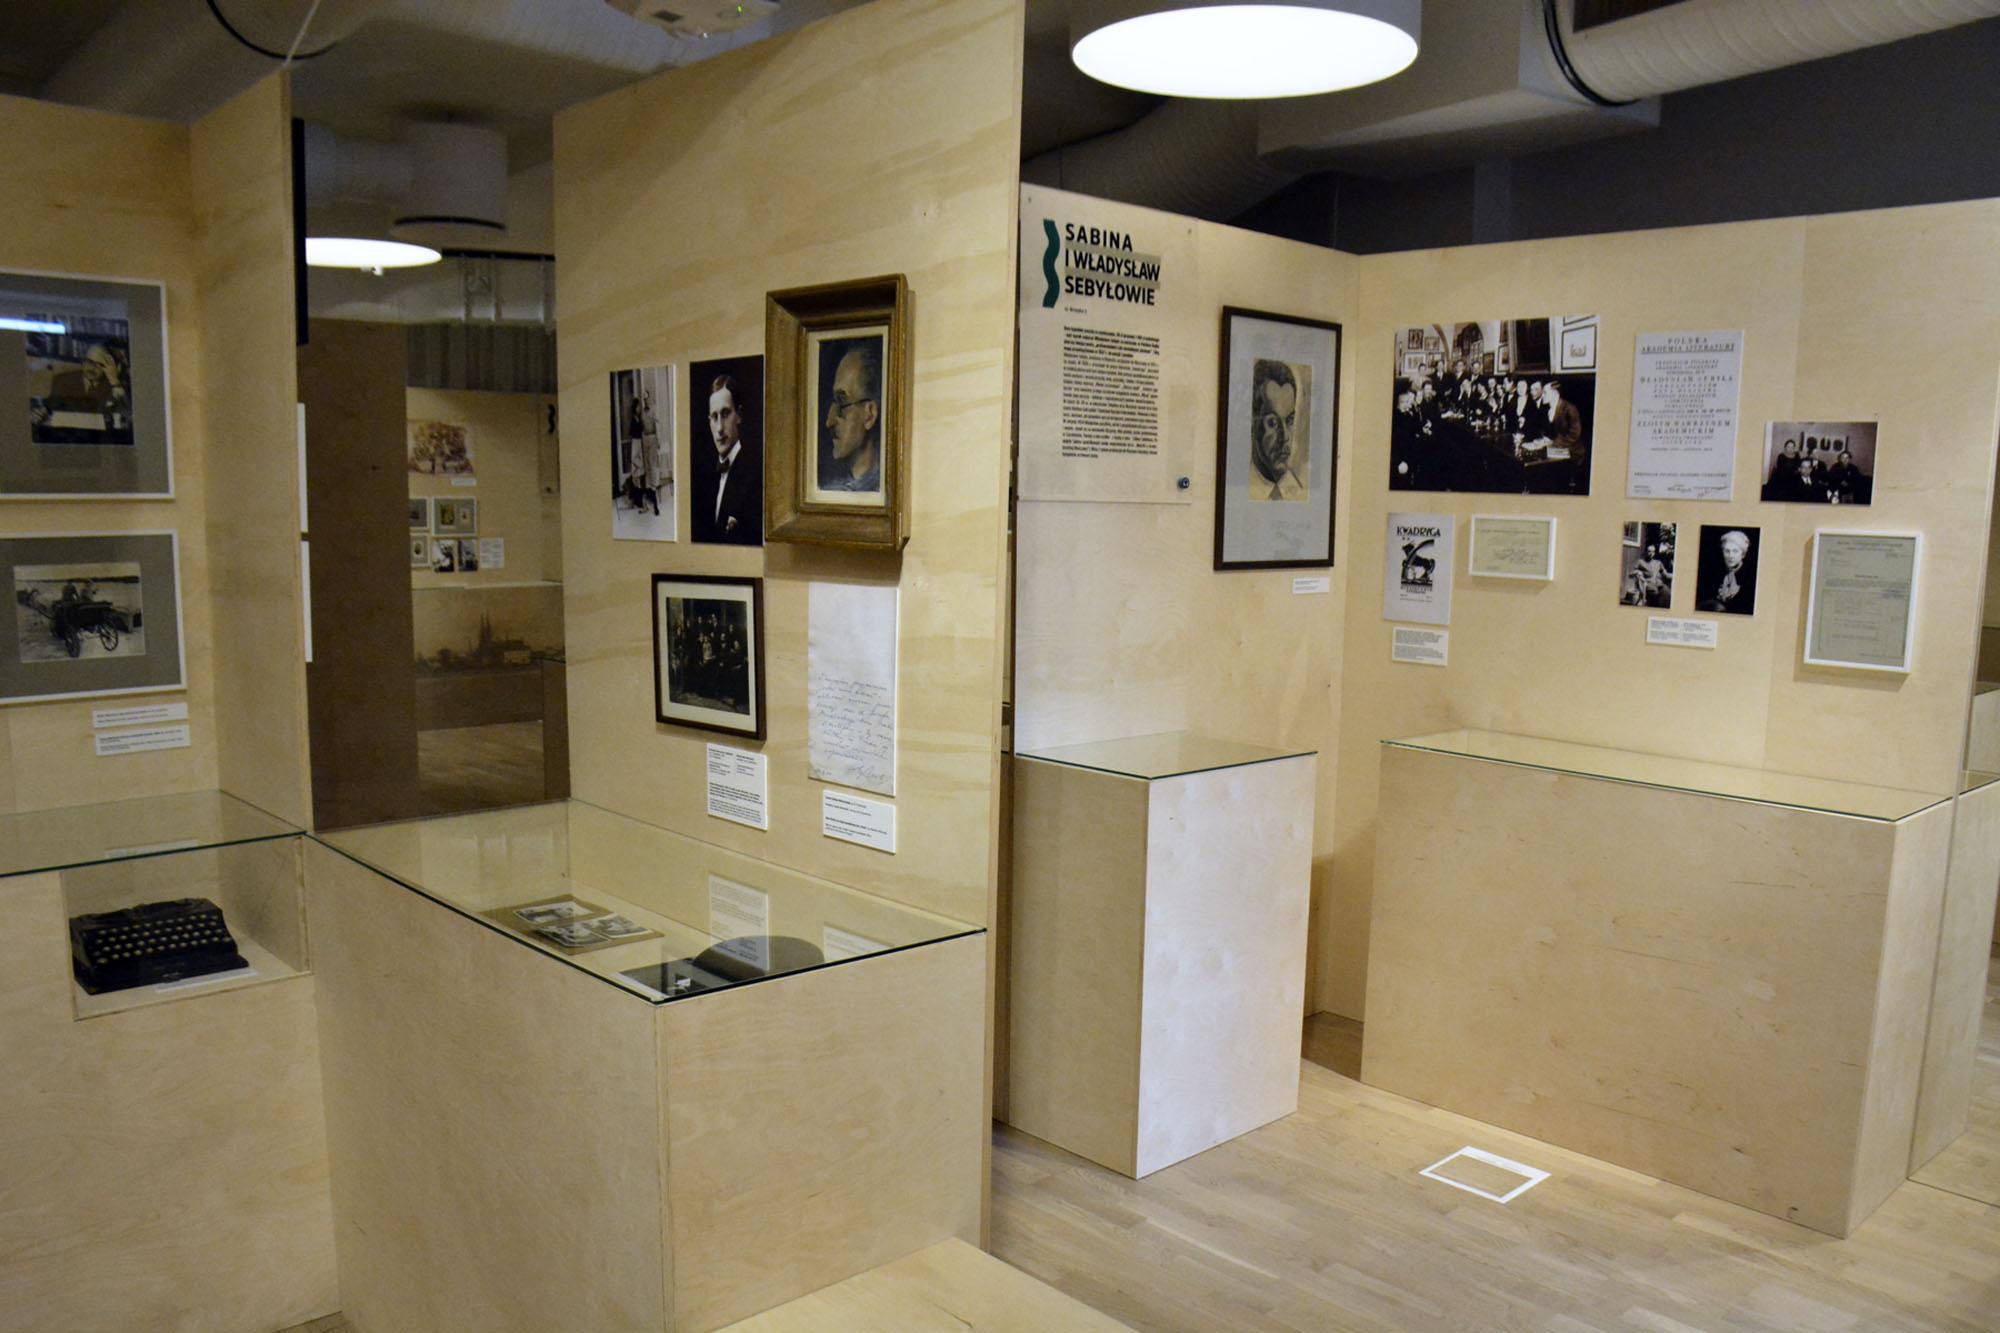 fot. G. Kułakowska/ Muzeum Warszawy